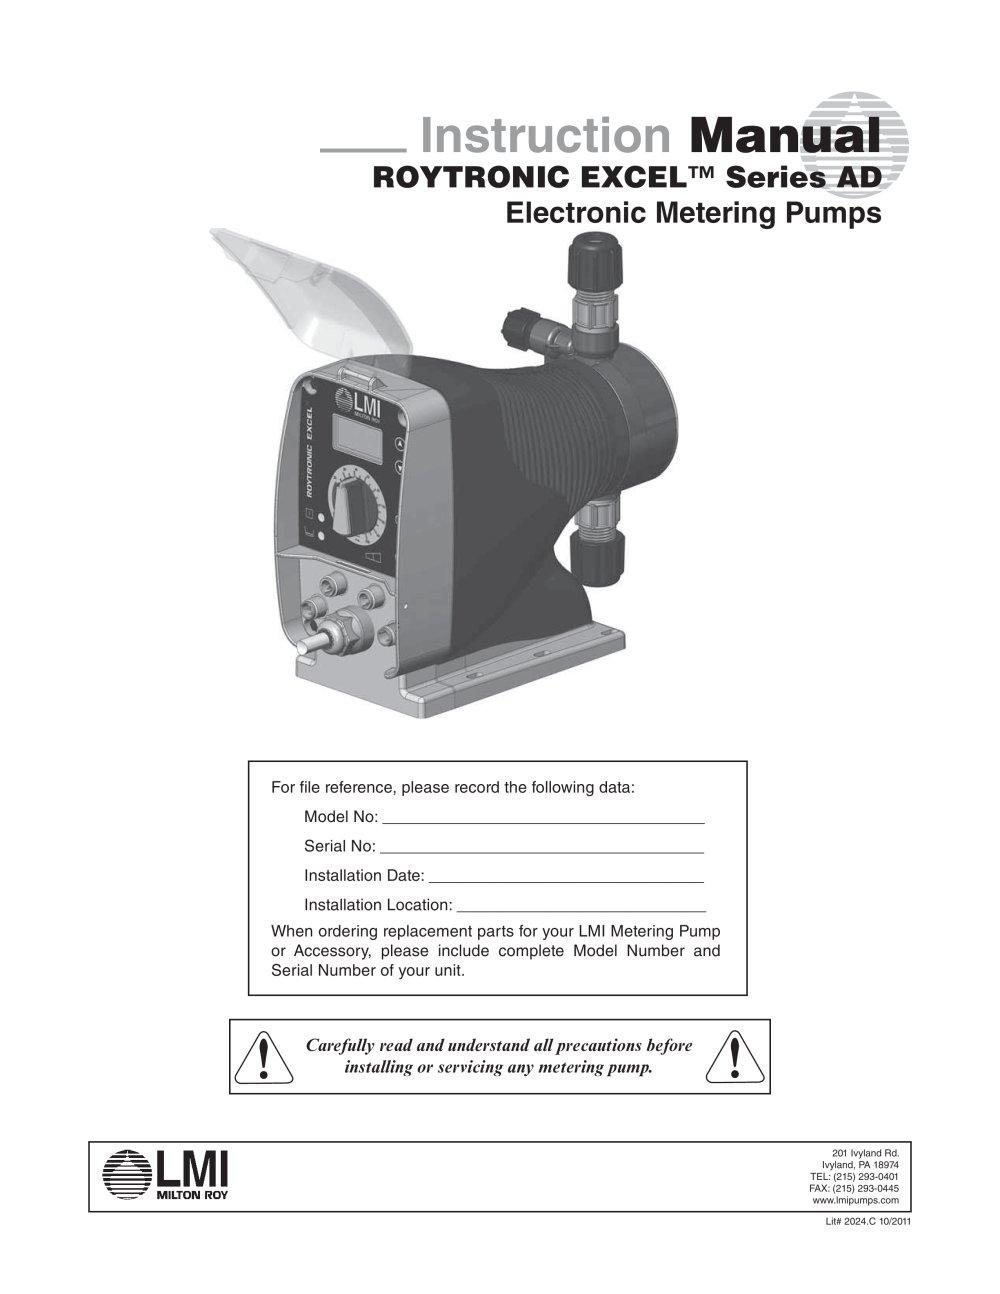 roytronic excel series ad manual lmi milton roy pdf catalogue rh pdf directindustry com LMI Pump Catalog LMI Chemical Pumps Parts